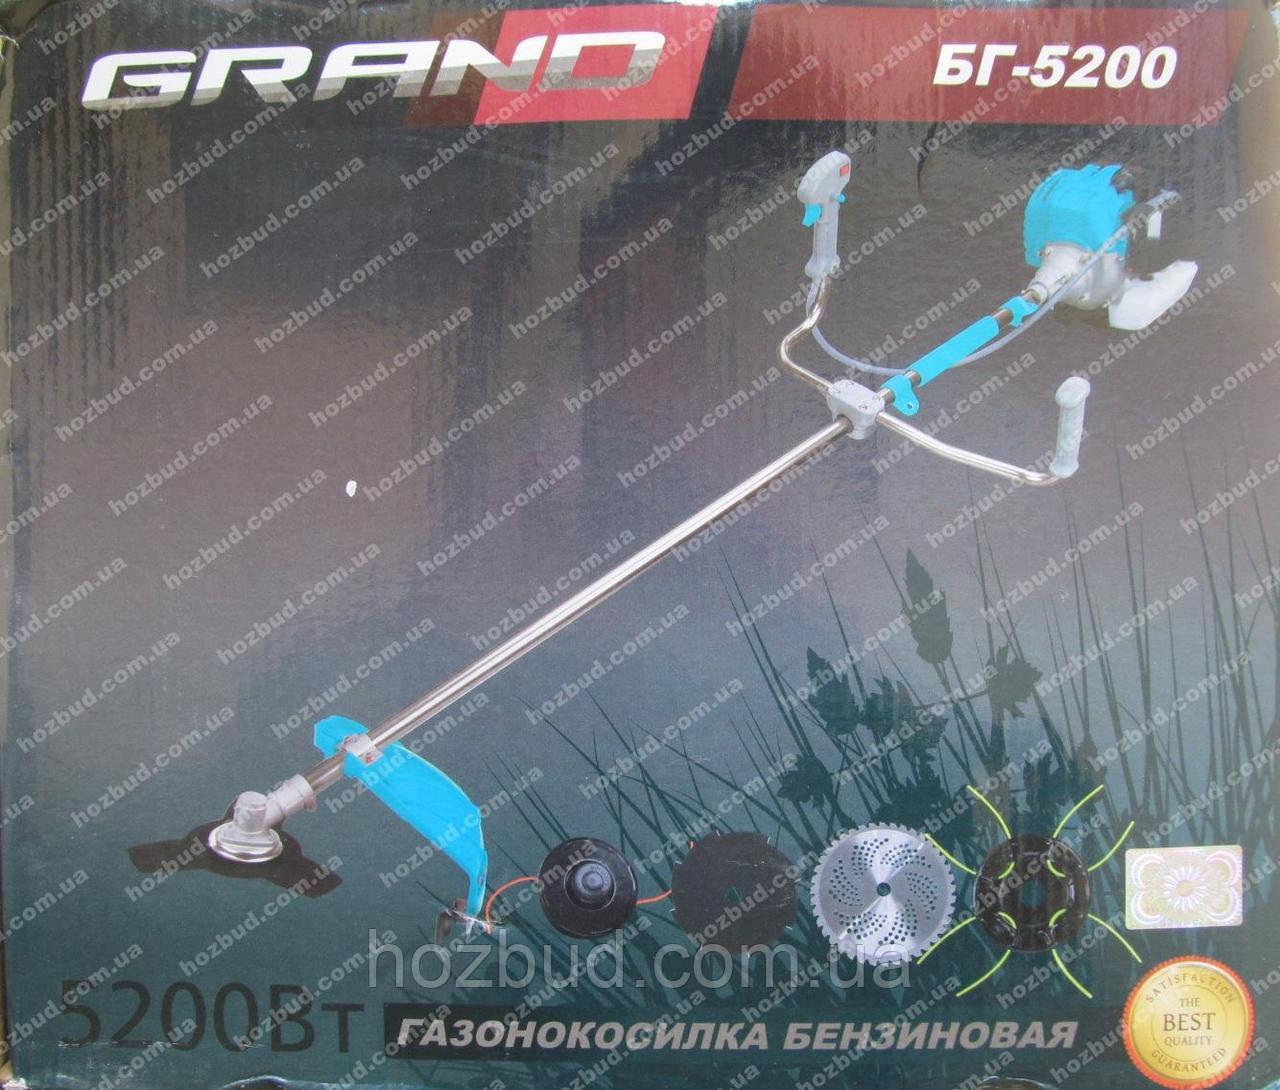 Бензокоса GRAND БГ-5200 (5,2 кВт)